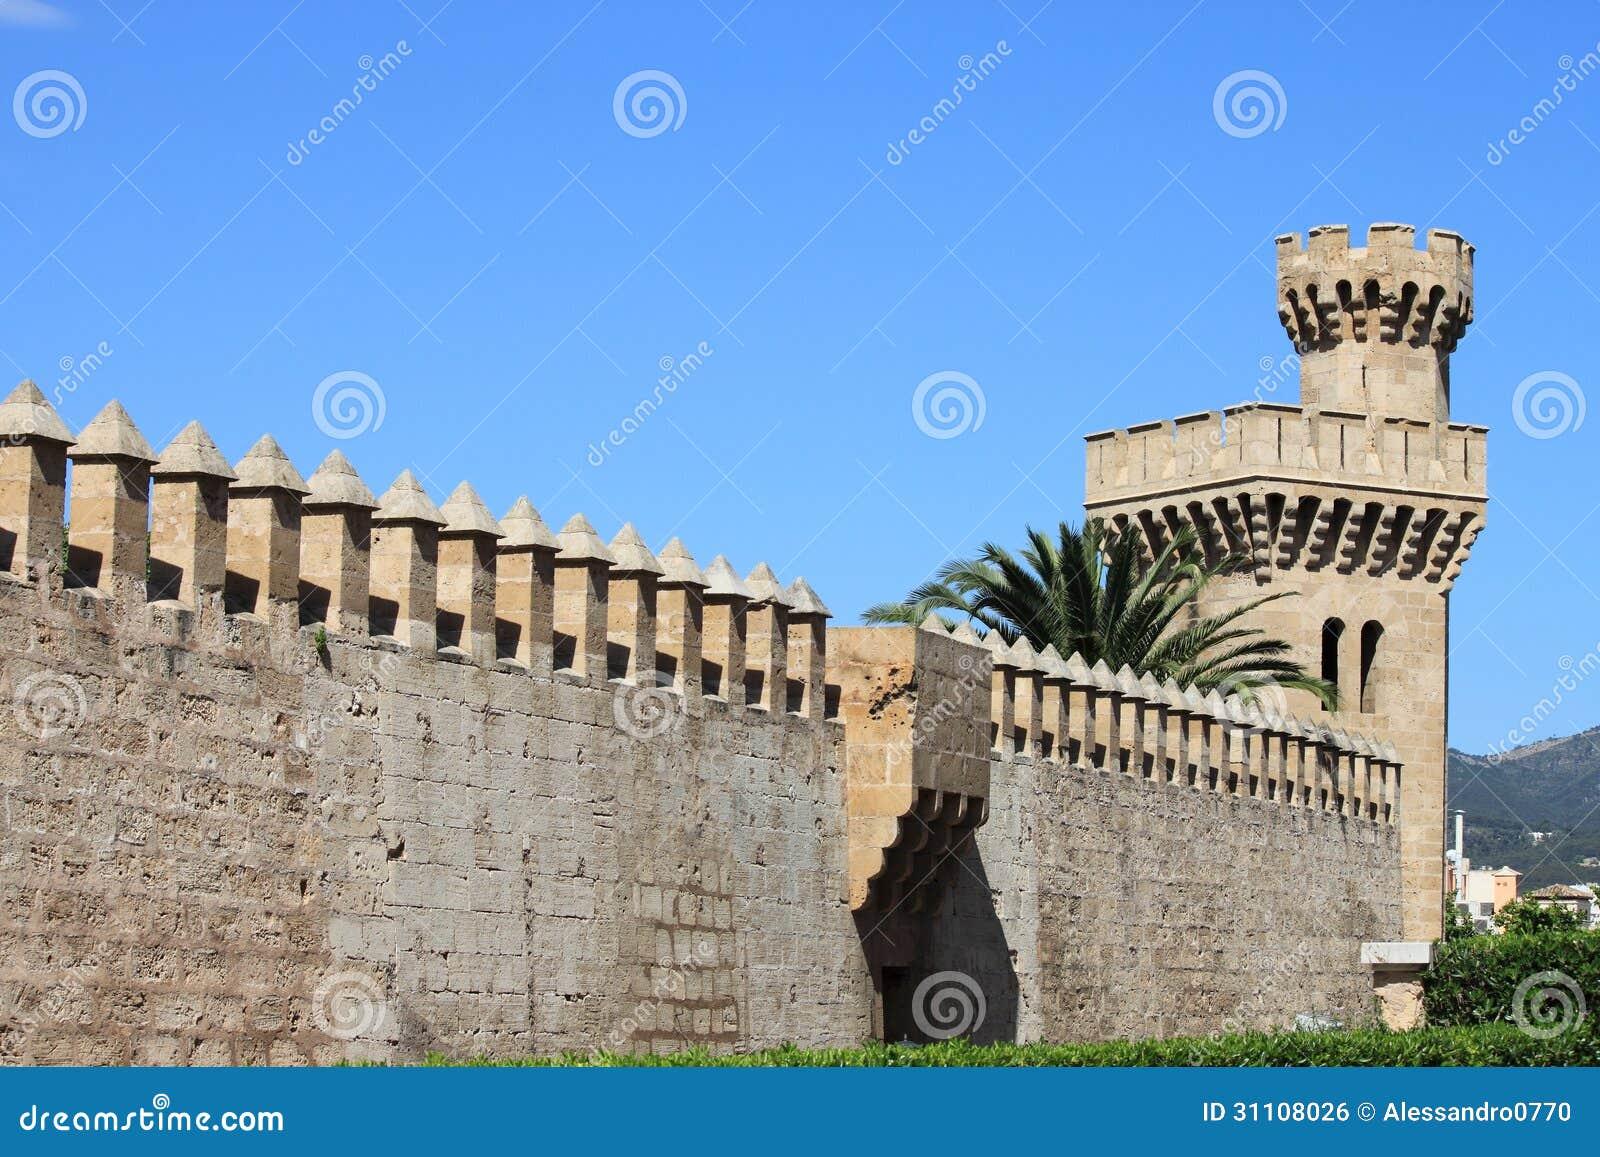 Palazzo di almudaina in palma de mallorca fotografia stock - Fotografia palma de mallorca ...